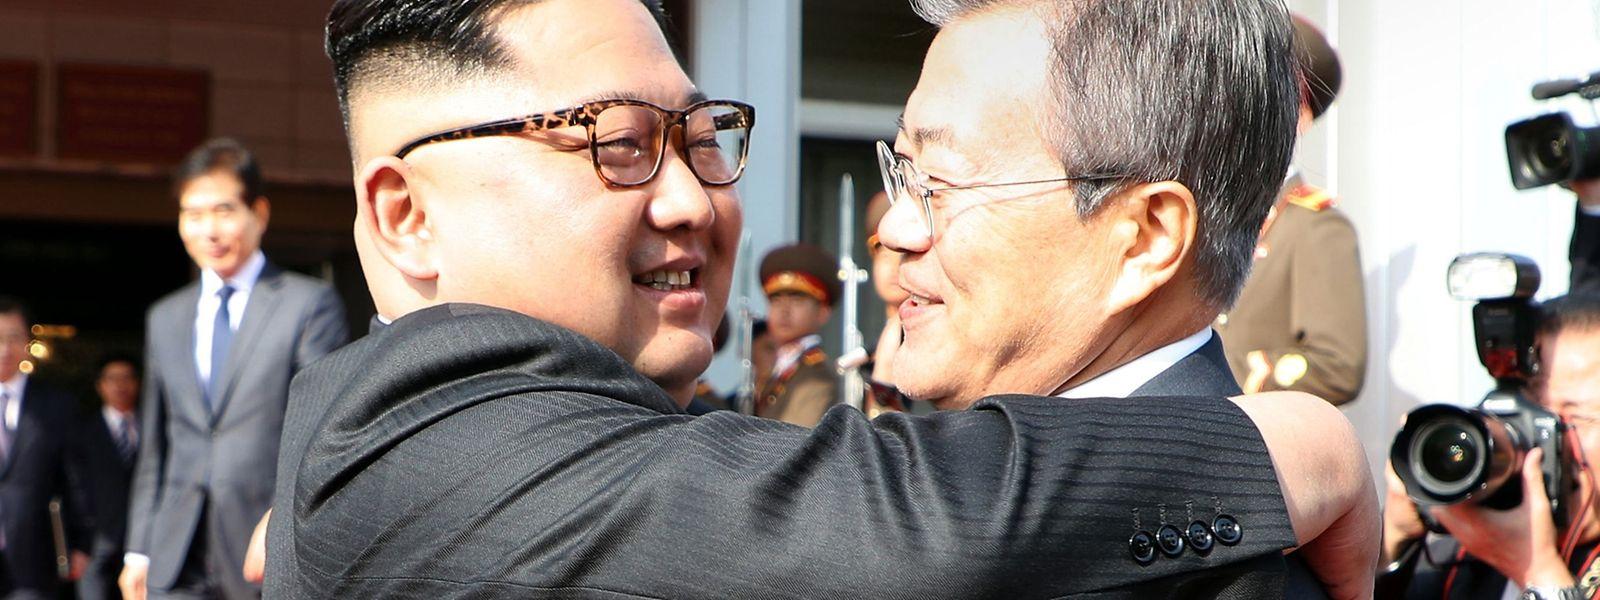 Schon wieder eine herzliche Umarmung? Nordkoreas Machthaber Kim Yong Un herzt Südkoreas Präsidenten Moon Jae-In bei einem Überraschungstreffen am Samstag.